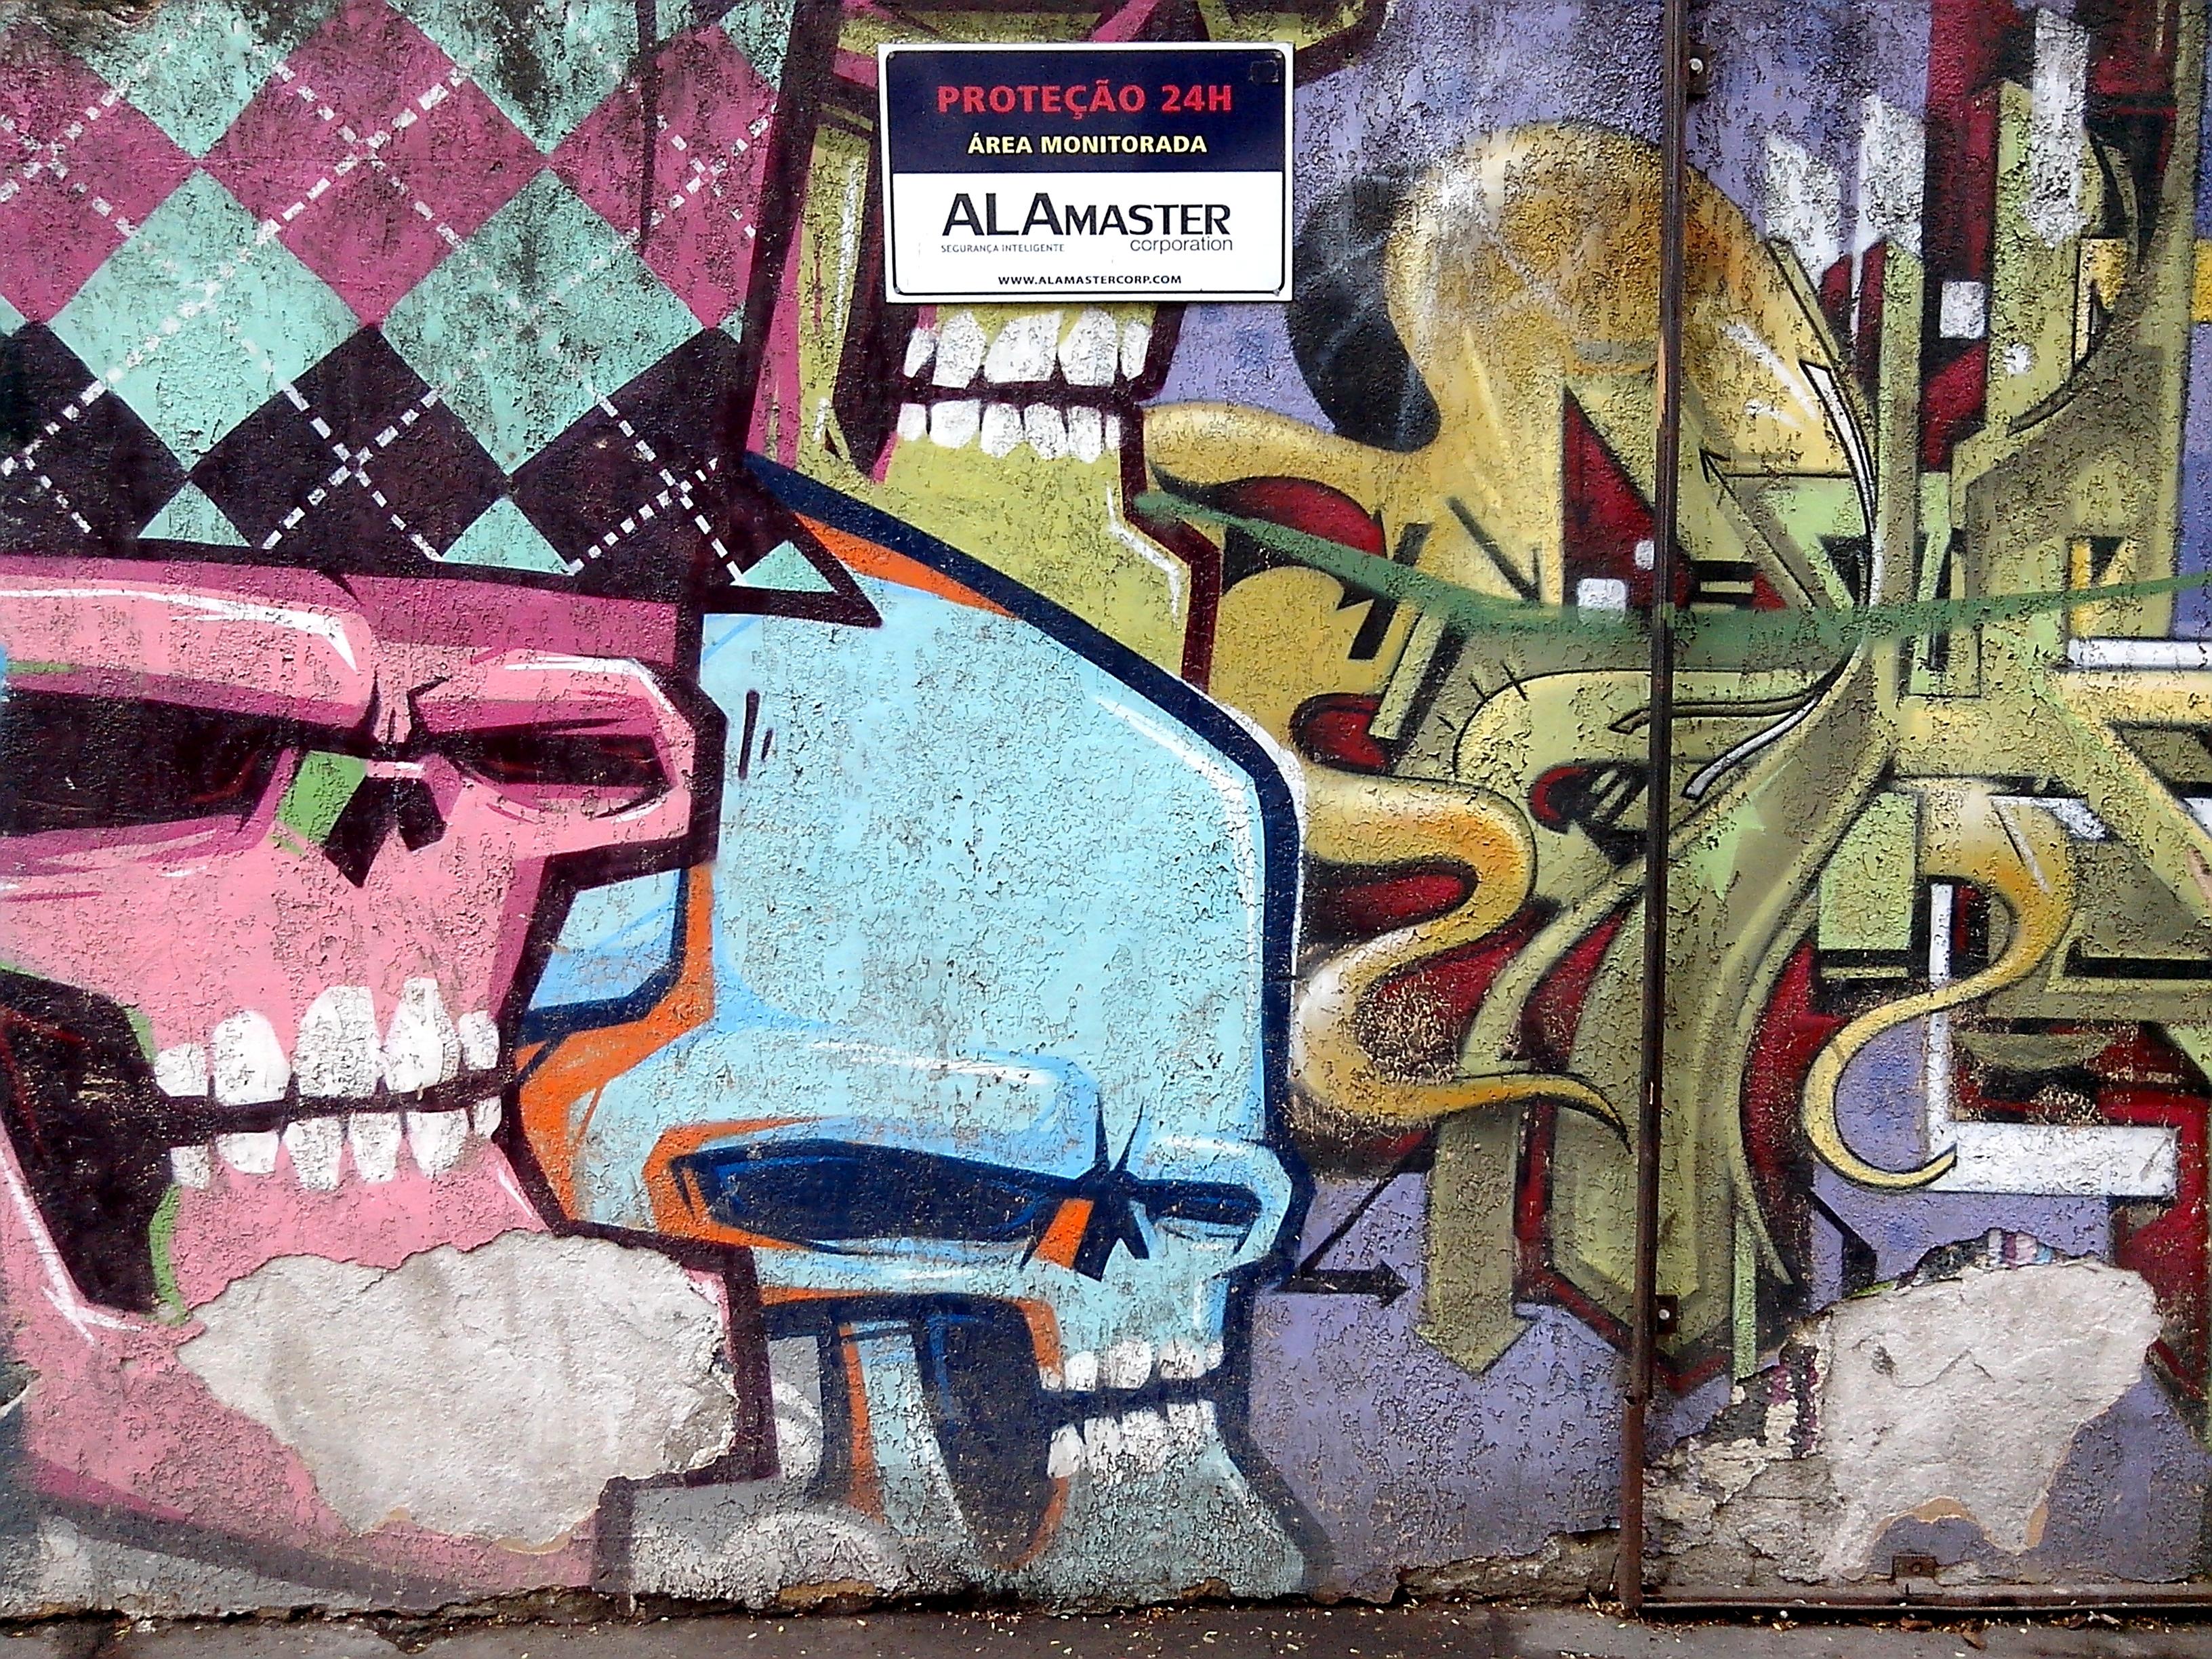 SWK. Rio de Janeiro. 23/01/2015 | vandalogy